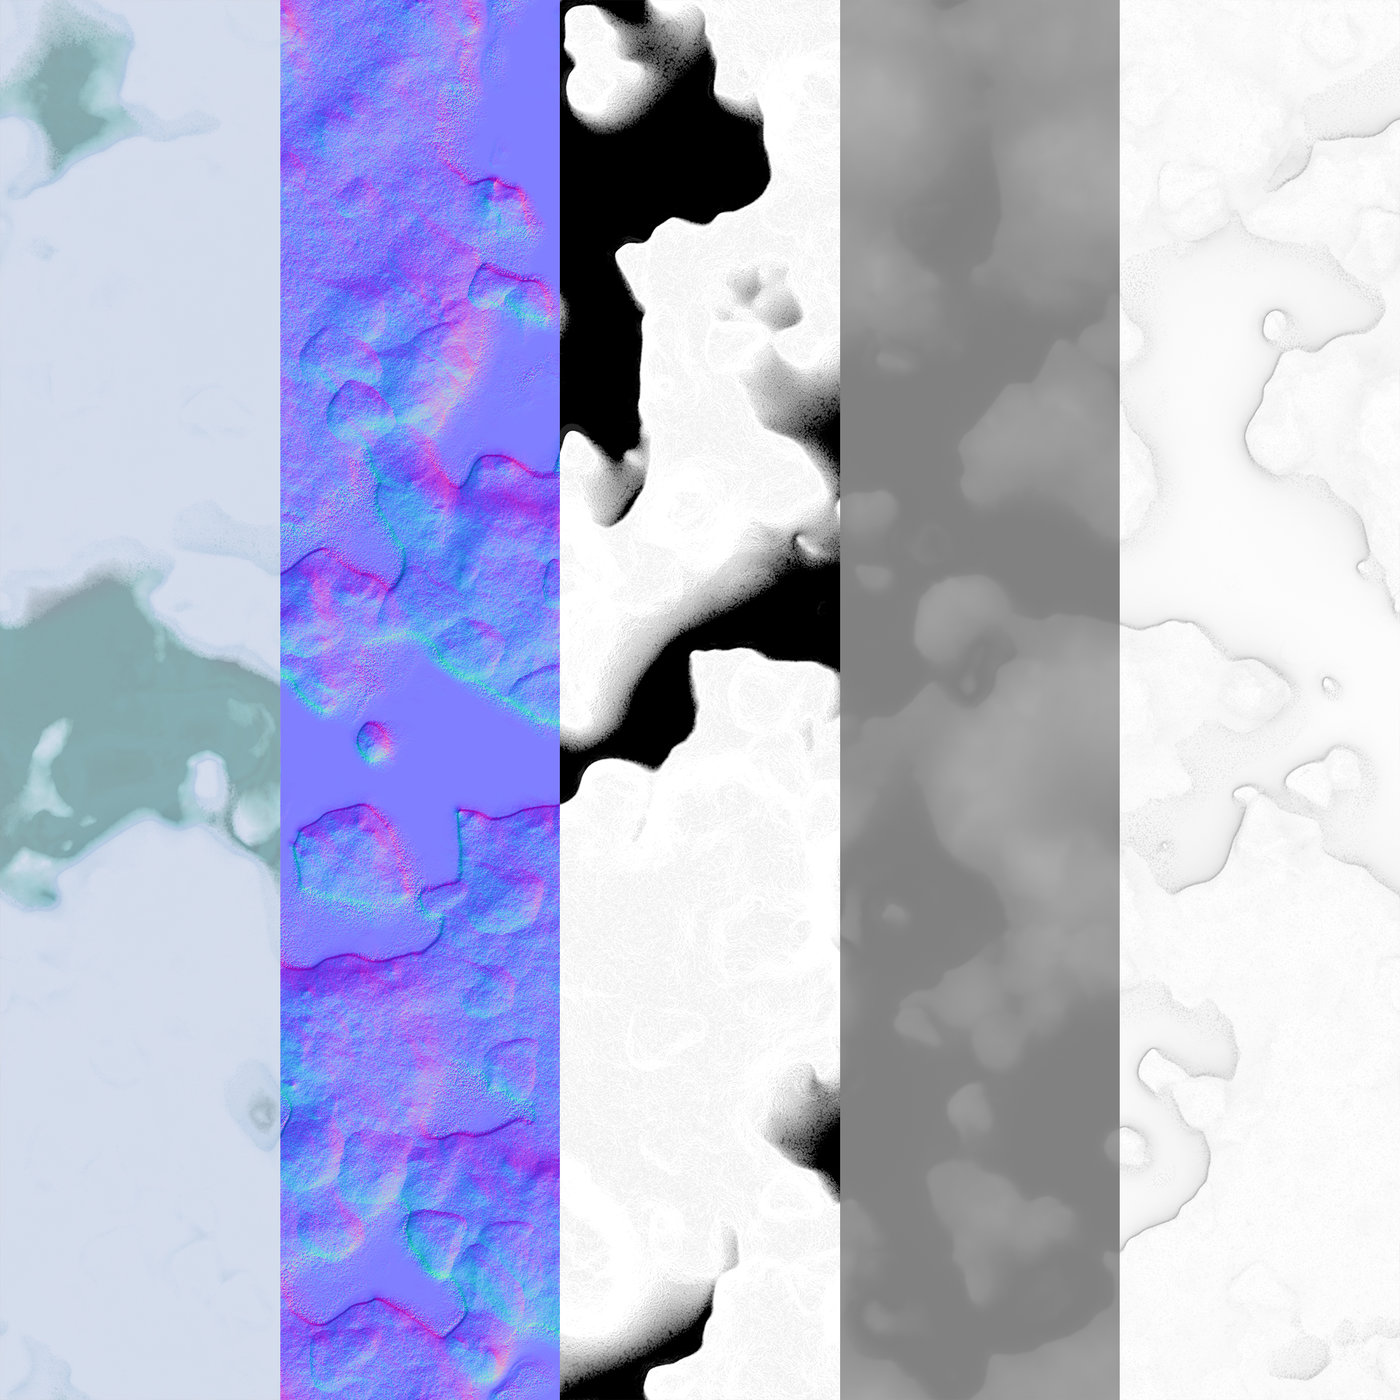 Melting Snow PBR Material